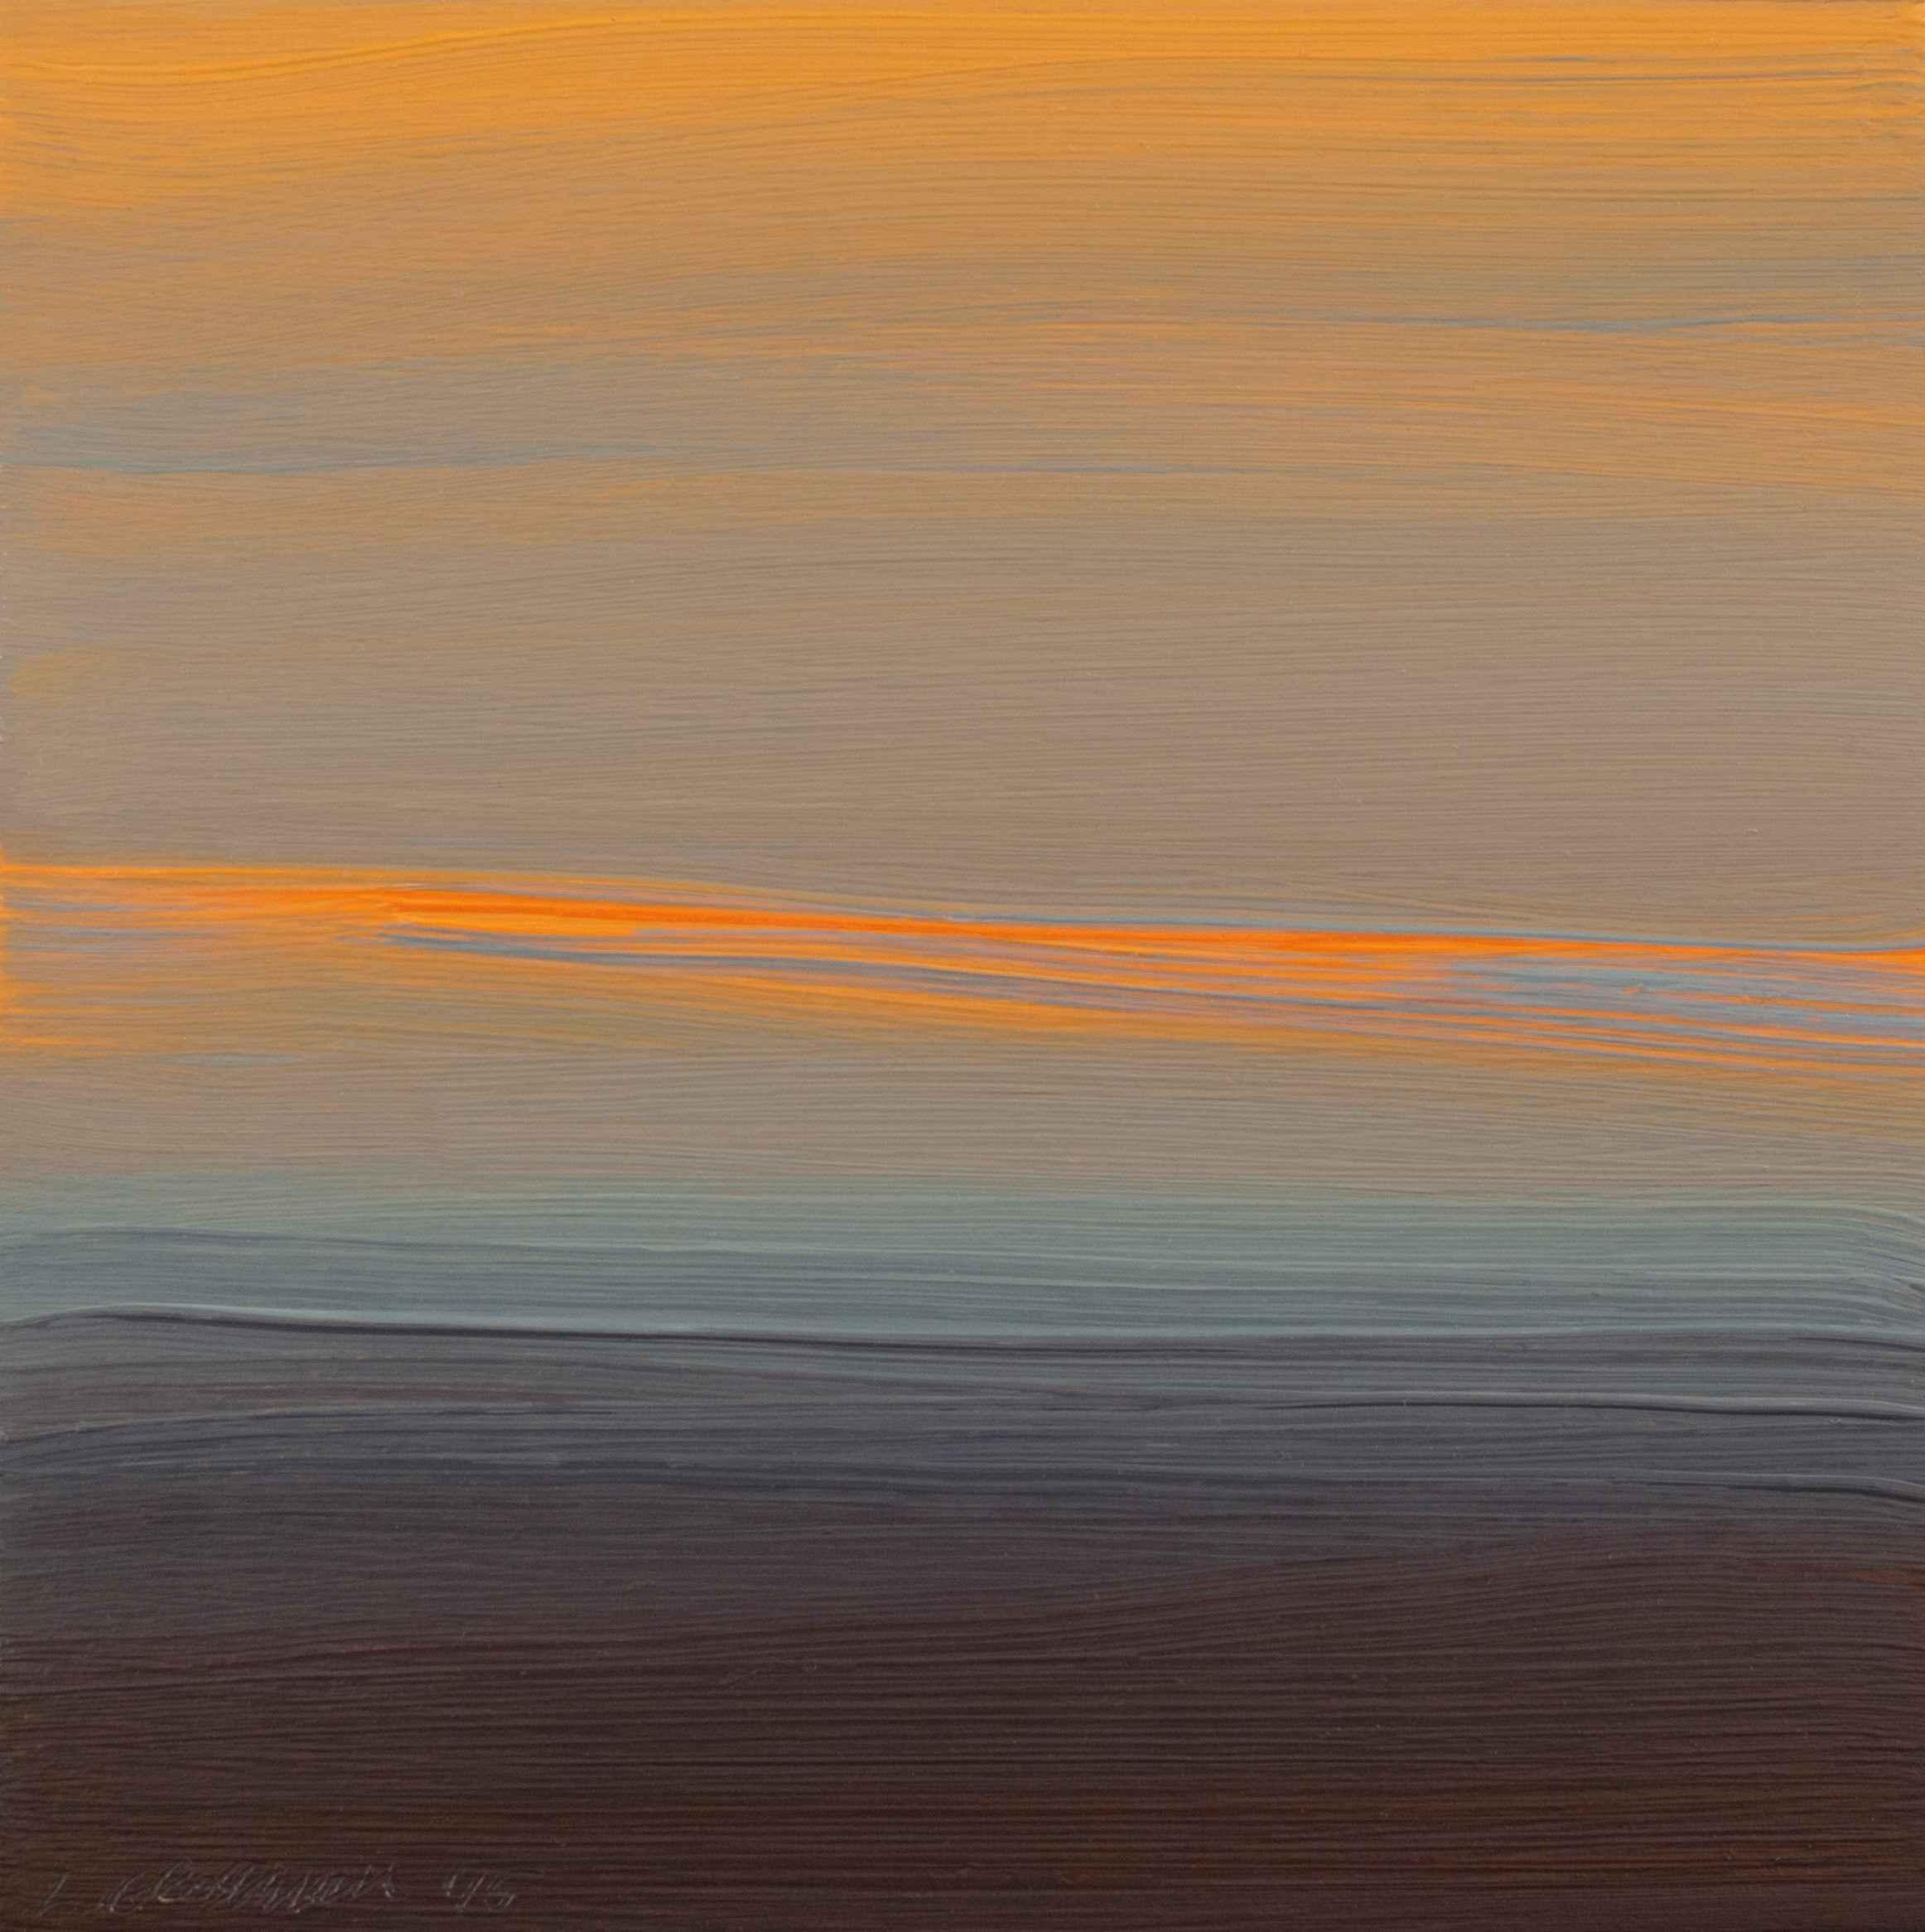 Sun Streak Sketch by  Lisa Grossman - Masterpiece Online